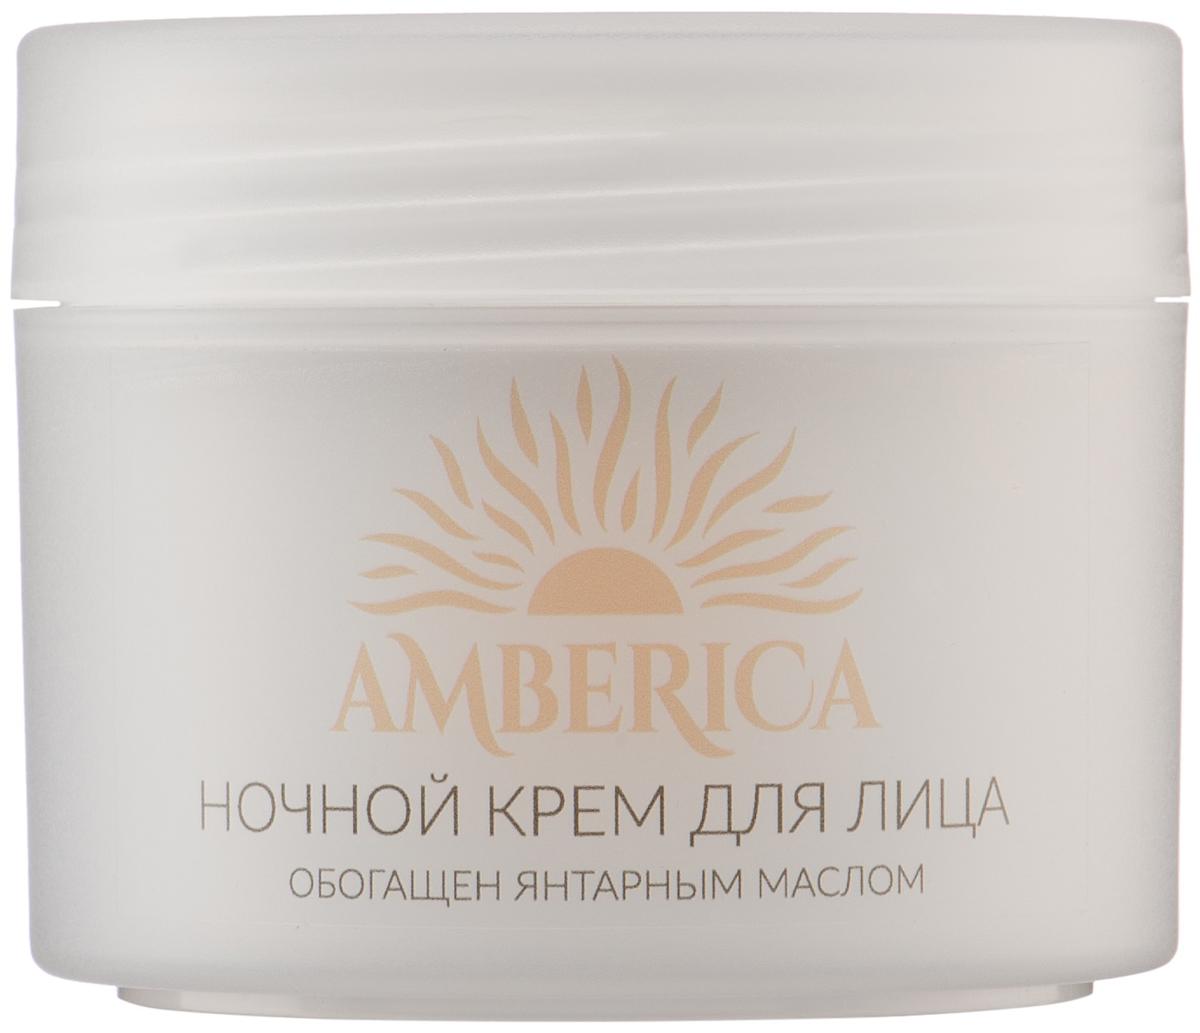 Ambercosmetics Крем ночной Amberica, 50 мл tm chocolatte биотоник для лица аква баланс с пребиотиками 100 мл